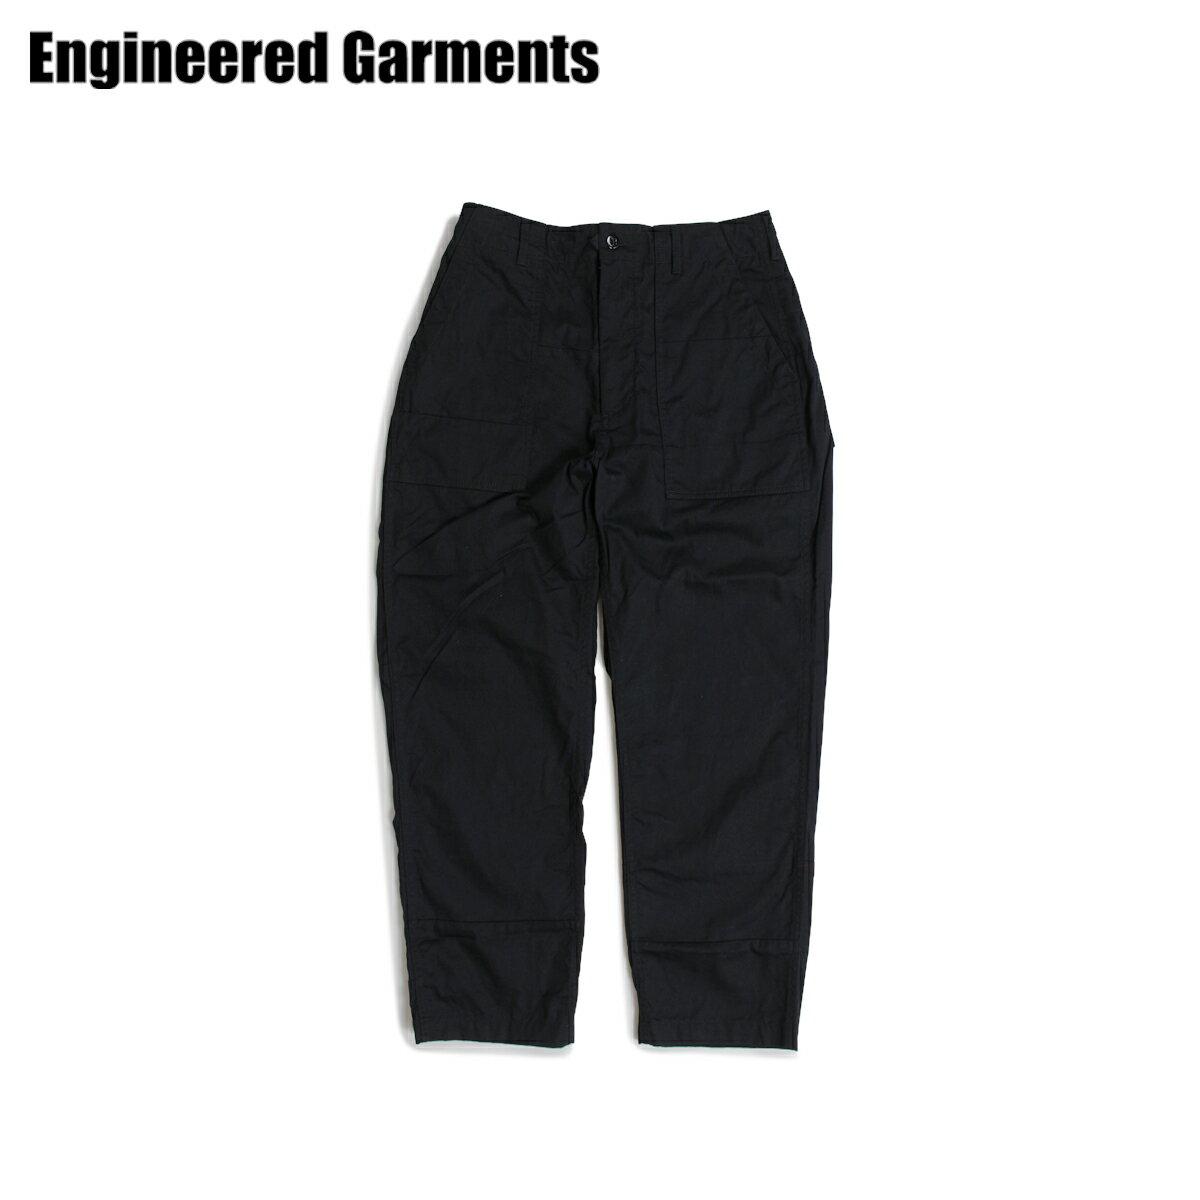 メンズファッション, ズボン・パンツ ENGINEERED GARMENTS FATIGUE PANT 19SF004A